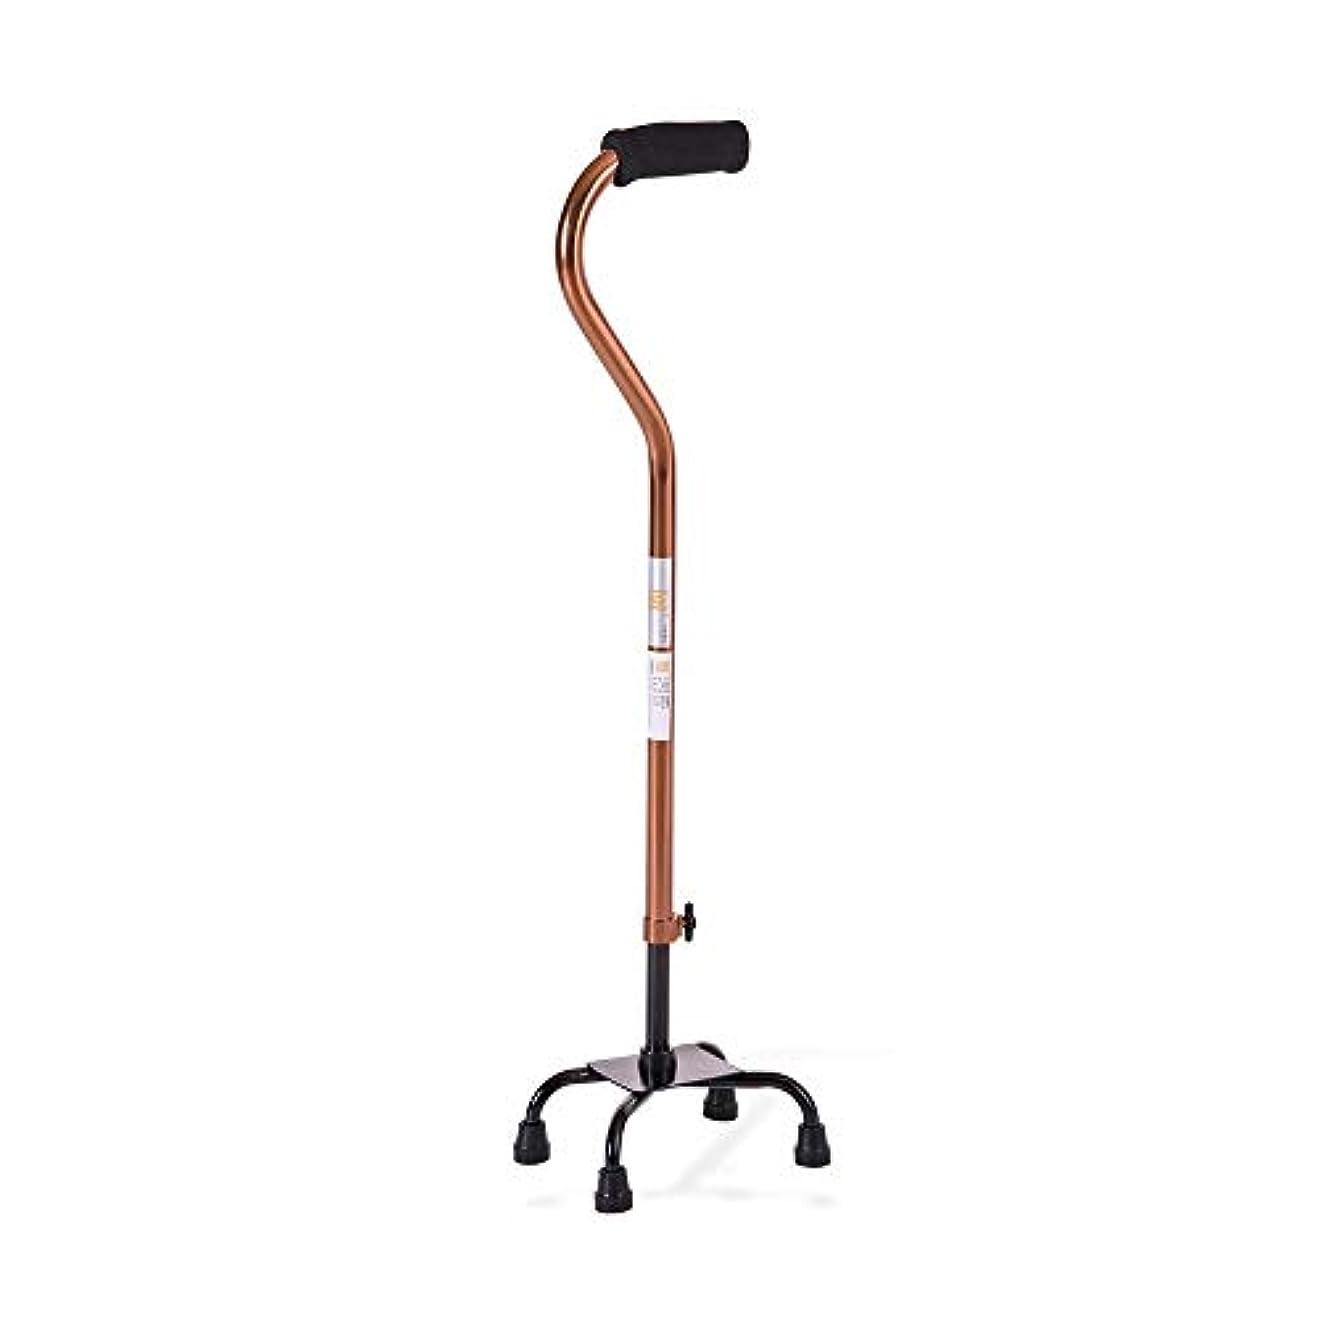 知覚的責任者好色なエクストラストロングベース付きの調整可能な4本脚の杖